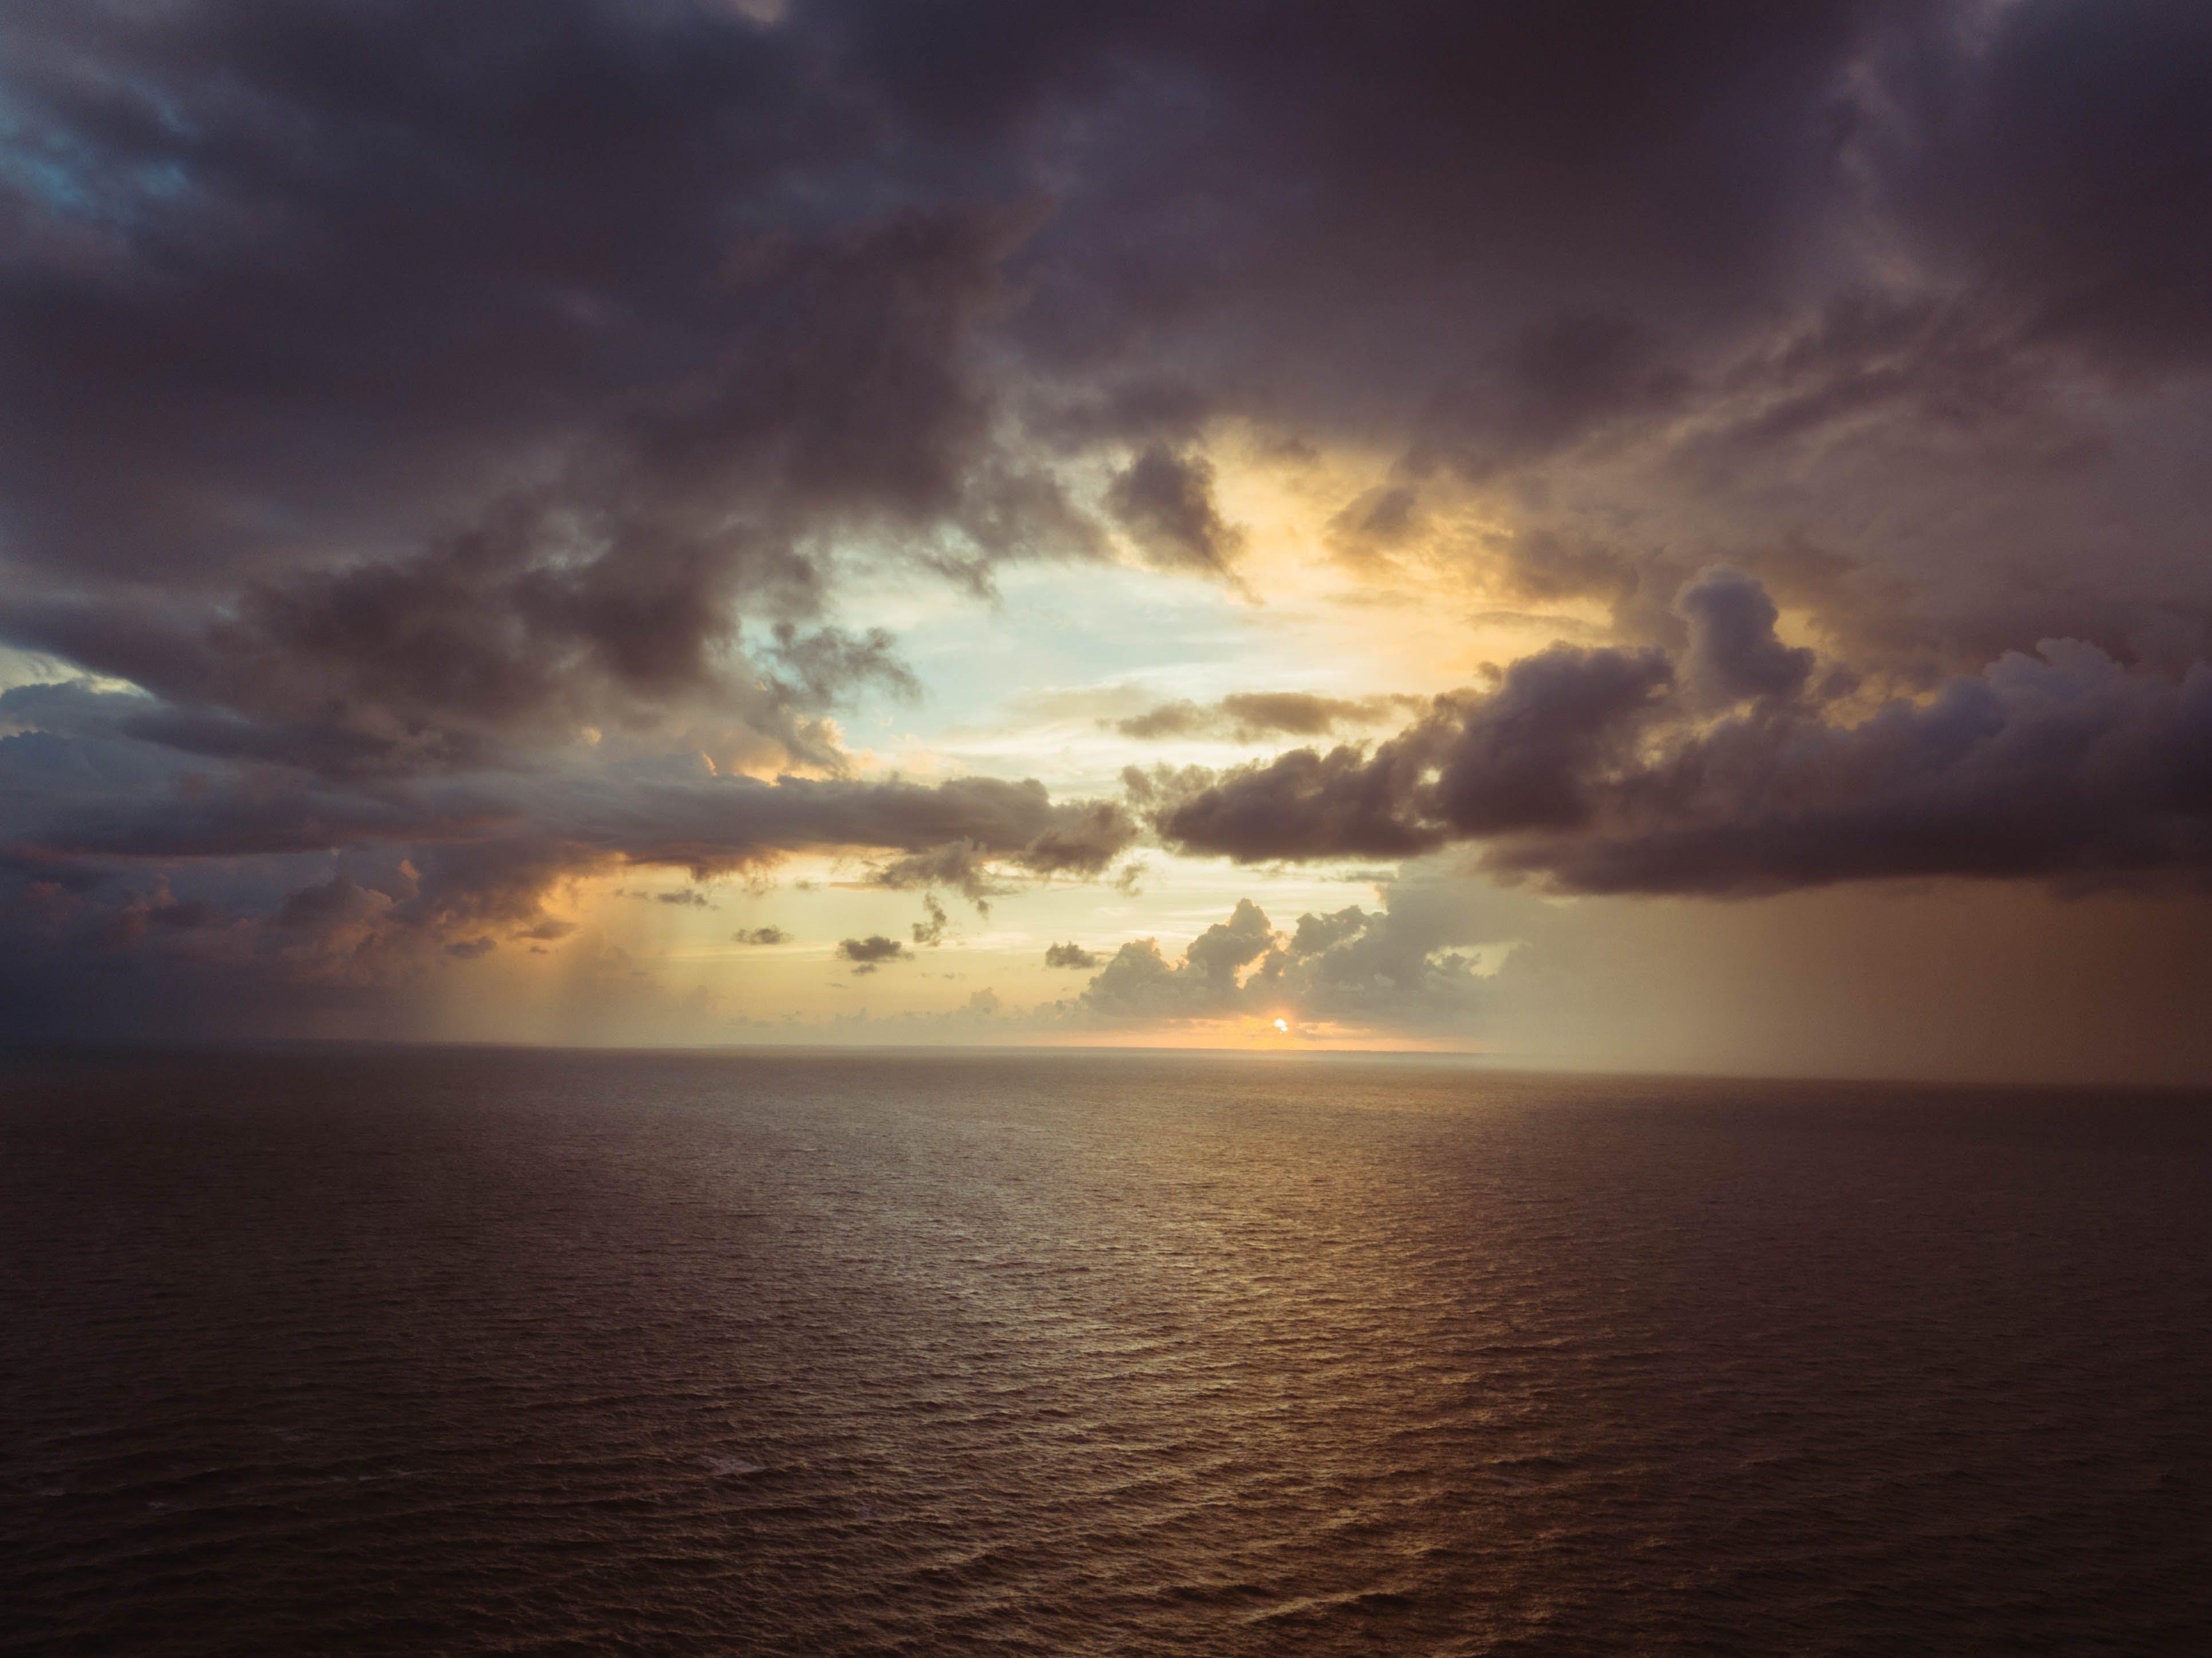 地平線, 多雲的, 天性, 天空 的 免費圖庫相片